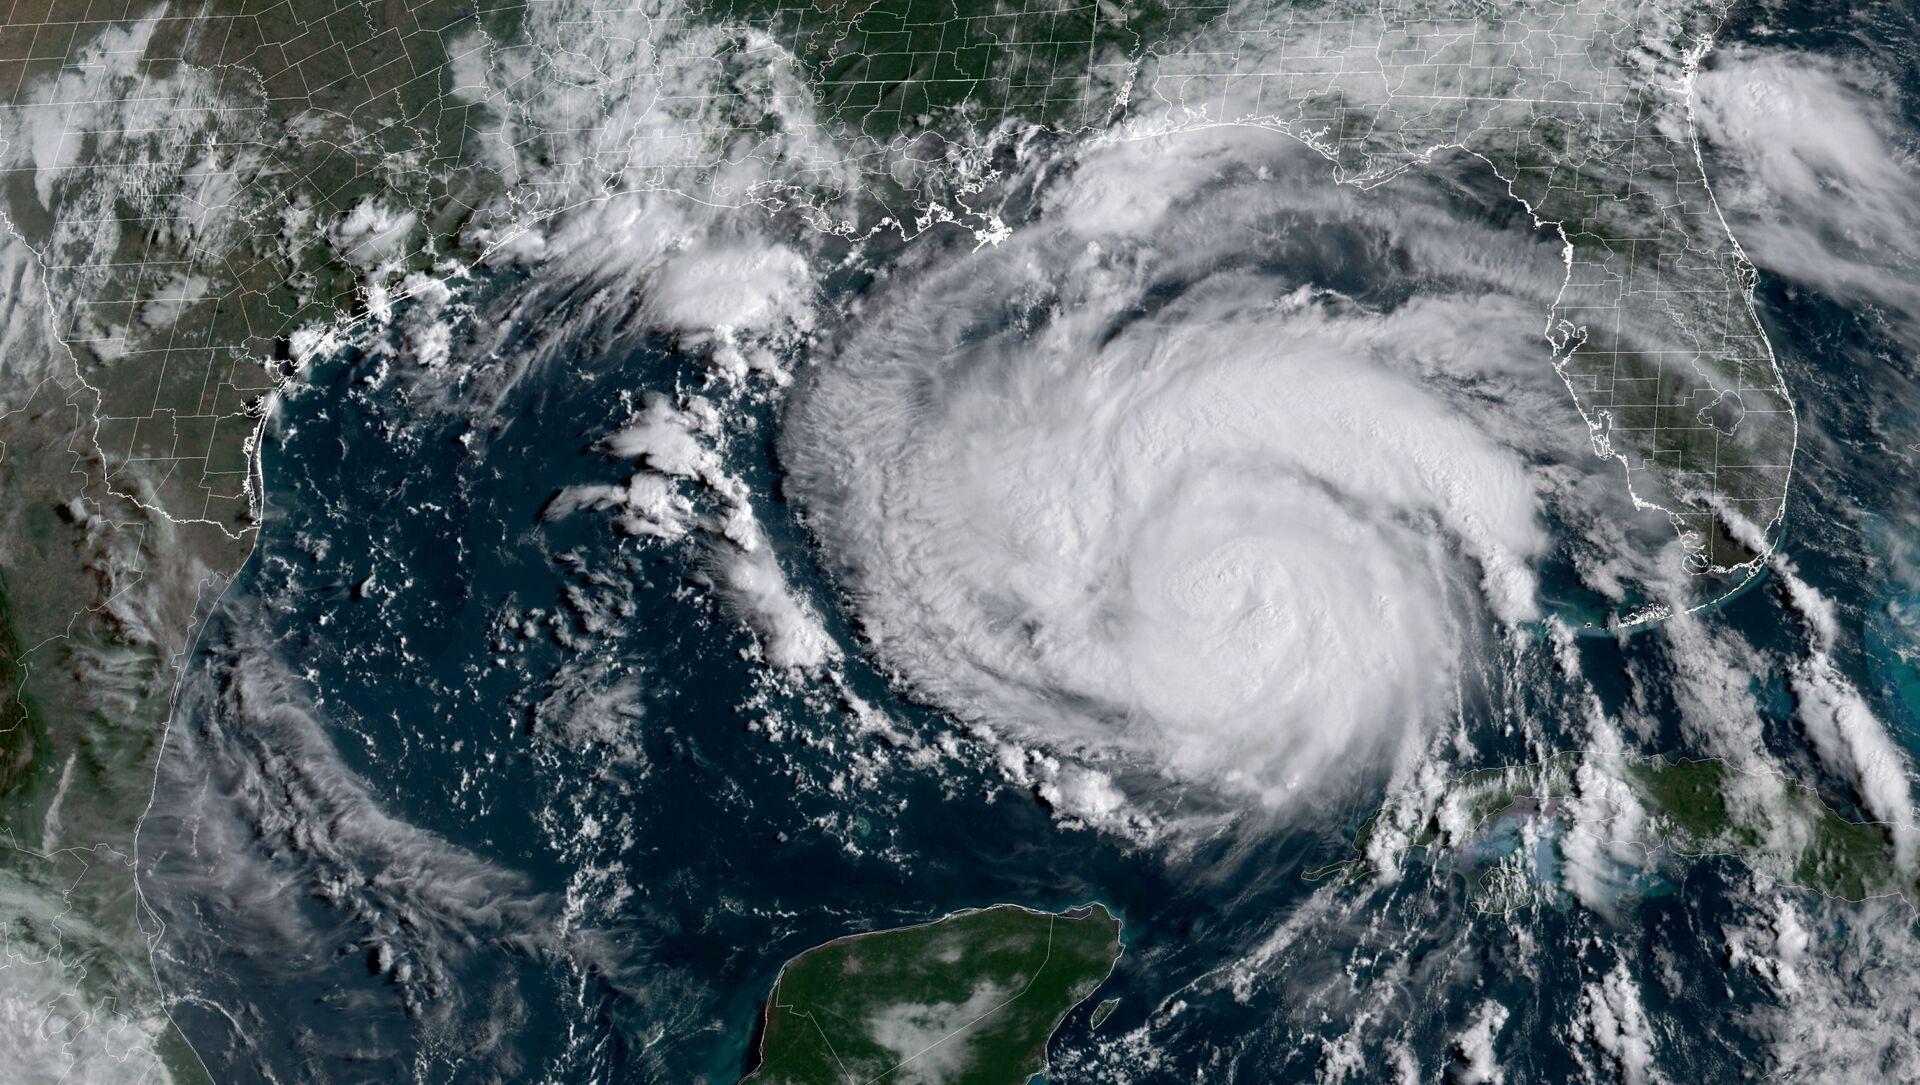 На этом раздаточном изображении со спутника Национального управления по исследованию океанов и атмосферы (NOAA) / GOES показан ураган Ида в 14:16 по всемирному времени 28 августа 2021 года. ожидается, что она усилится до «чрезвычайно опасного» шторма категории 4, когда он обрушится на юг США в эти выходные. Национальная метеорологическая служба теперь прогнозирует «опасный для жизни штормовой нагон», когда ураган обрушится на берег вдоль побережья Луизианы и Миссисипи, предупреждая о «катастрофическом повреждении ветром» и призывая жителей пострадавших районов следовать советам местных властей - Sputnik Аҧсны, 1920, 31.08.2021